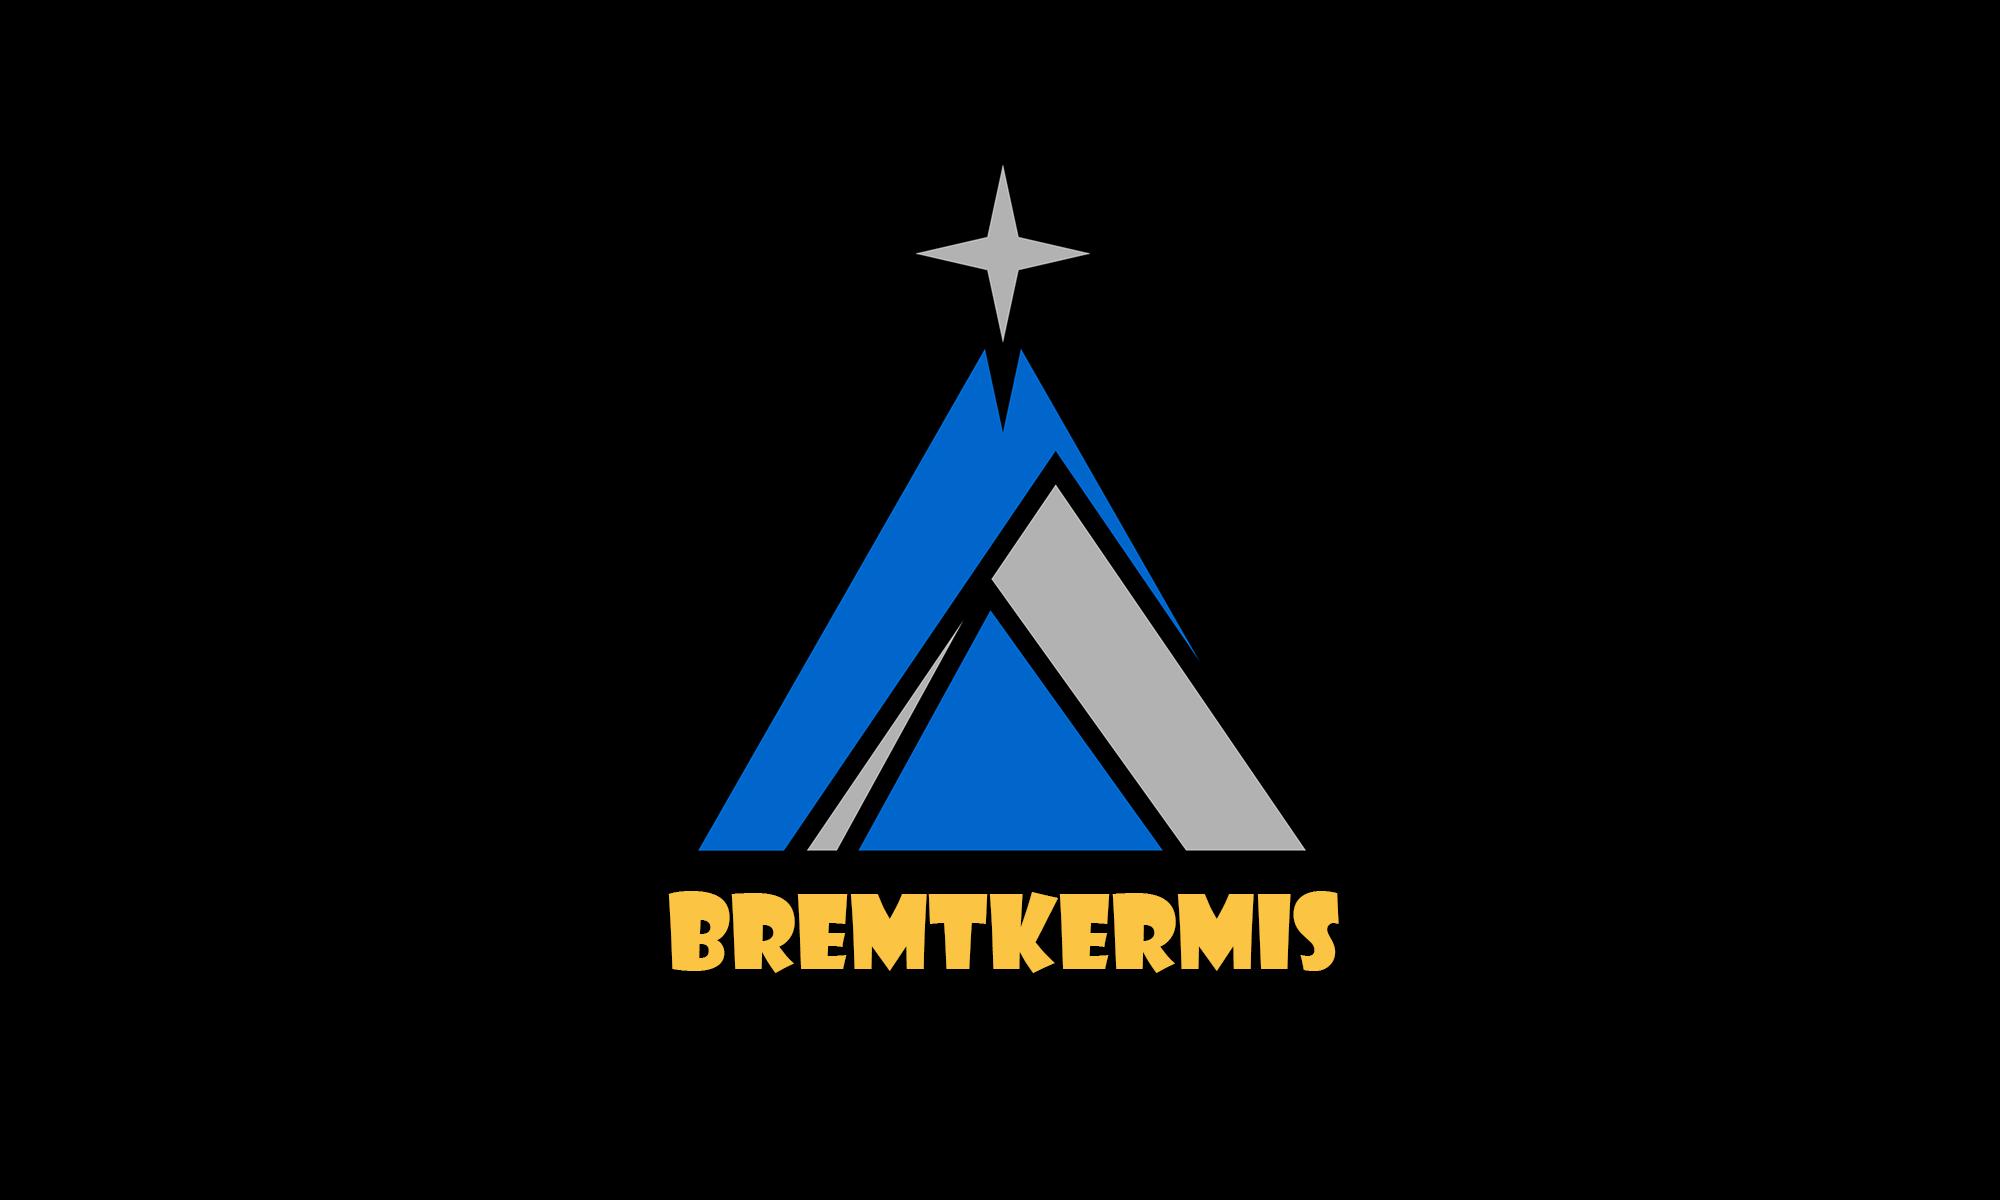 Bremtkermis